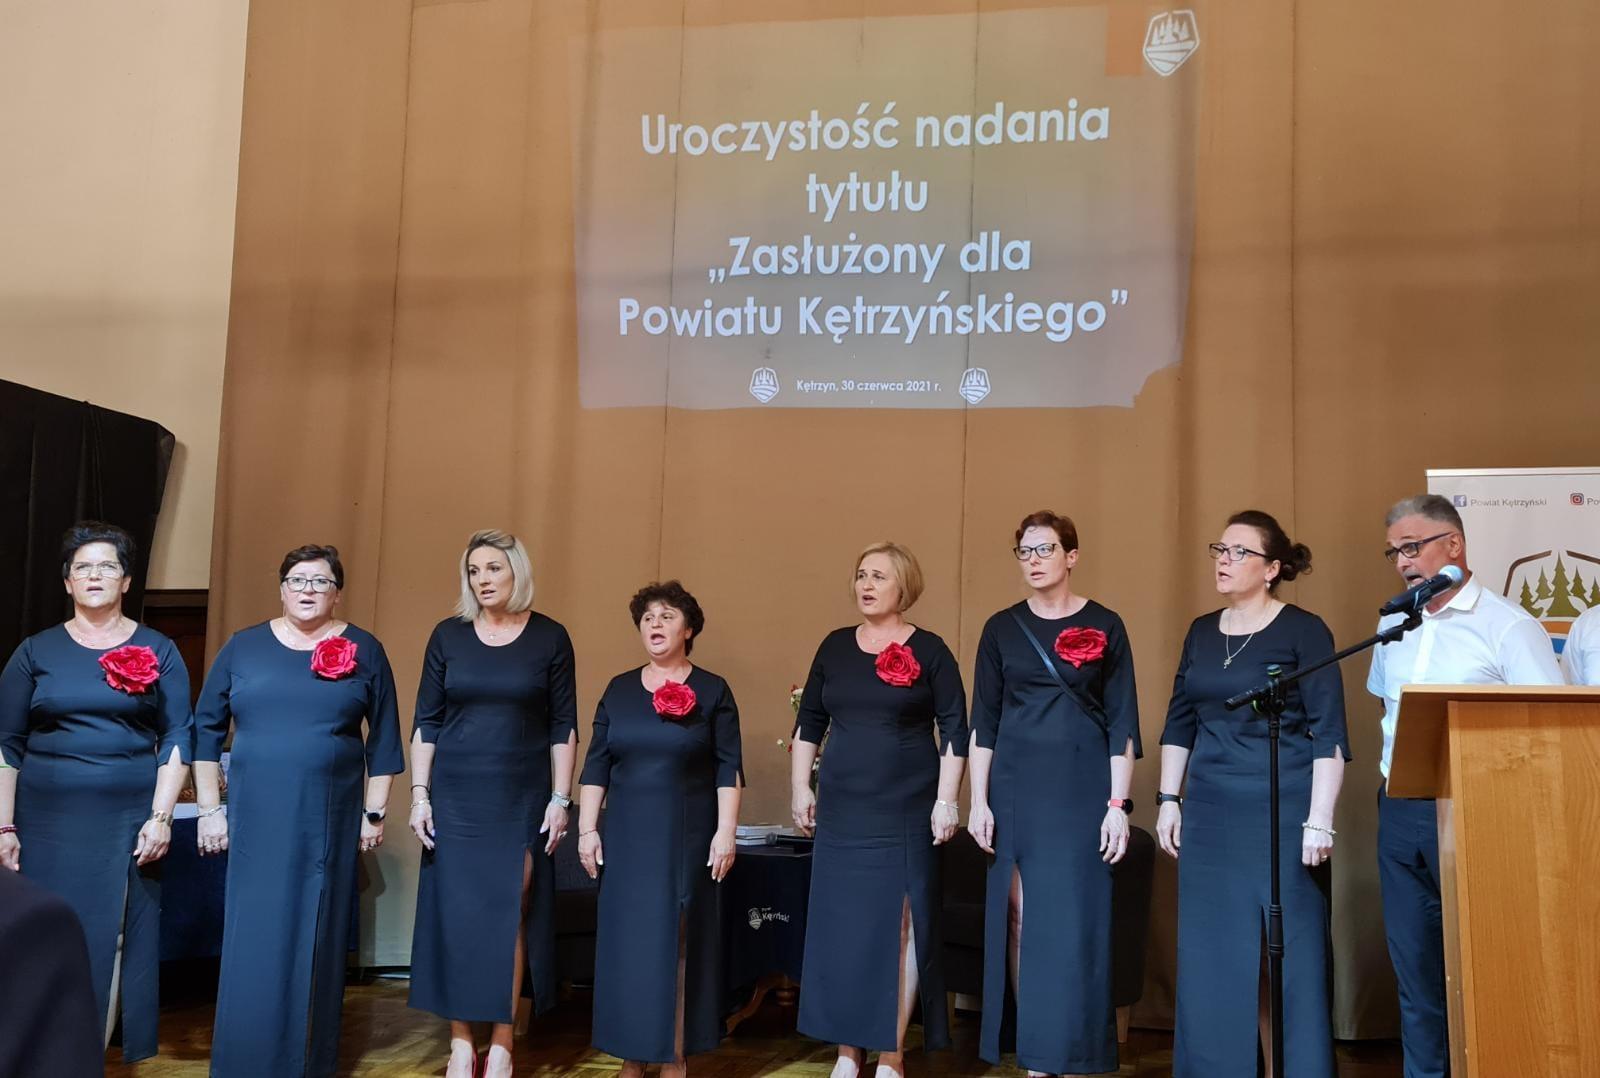 zdjęcie przedstawia chór świętoloipski